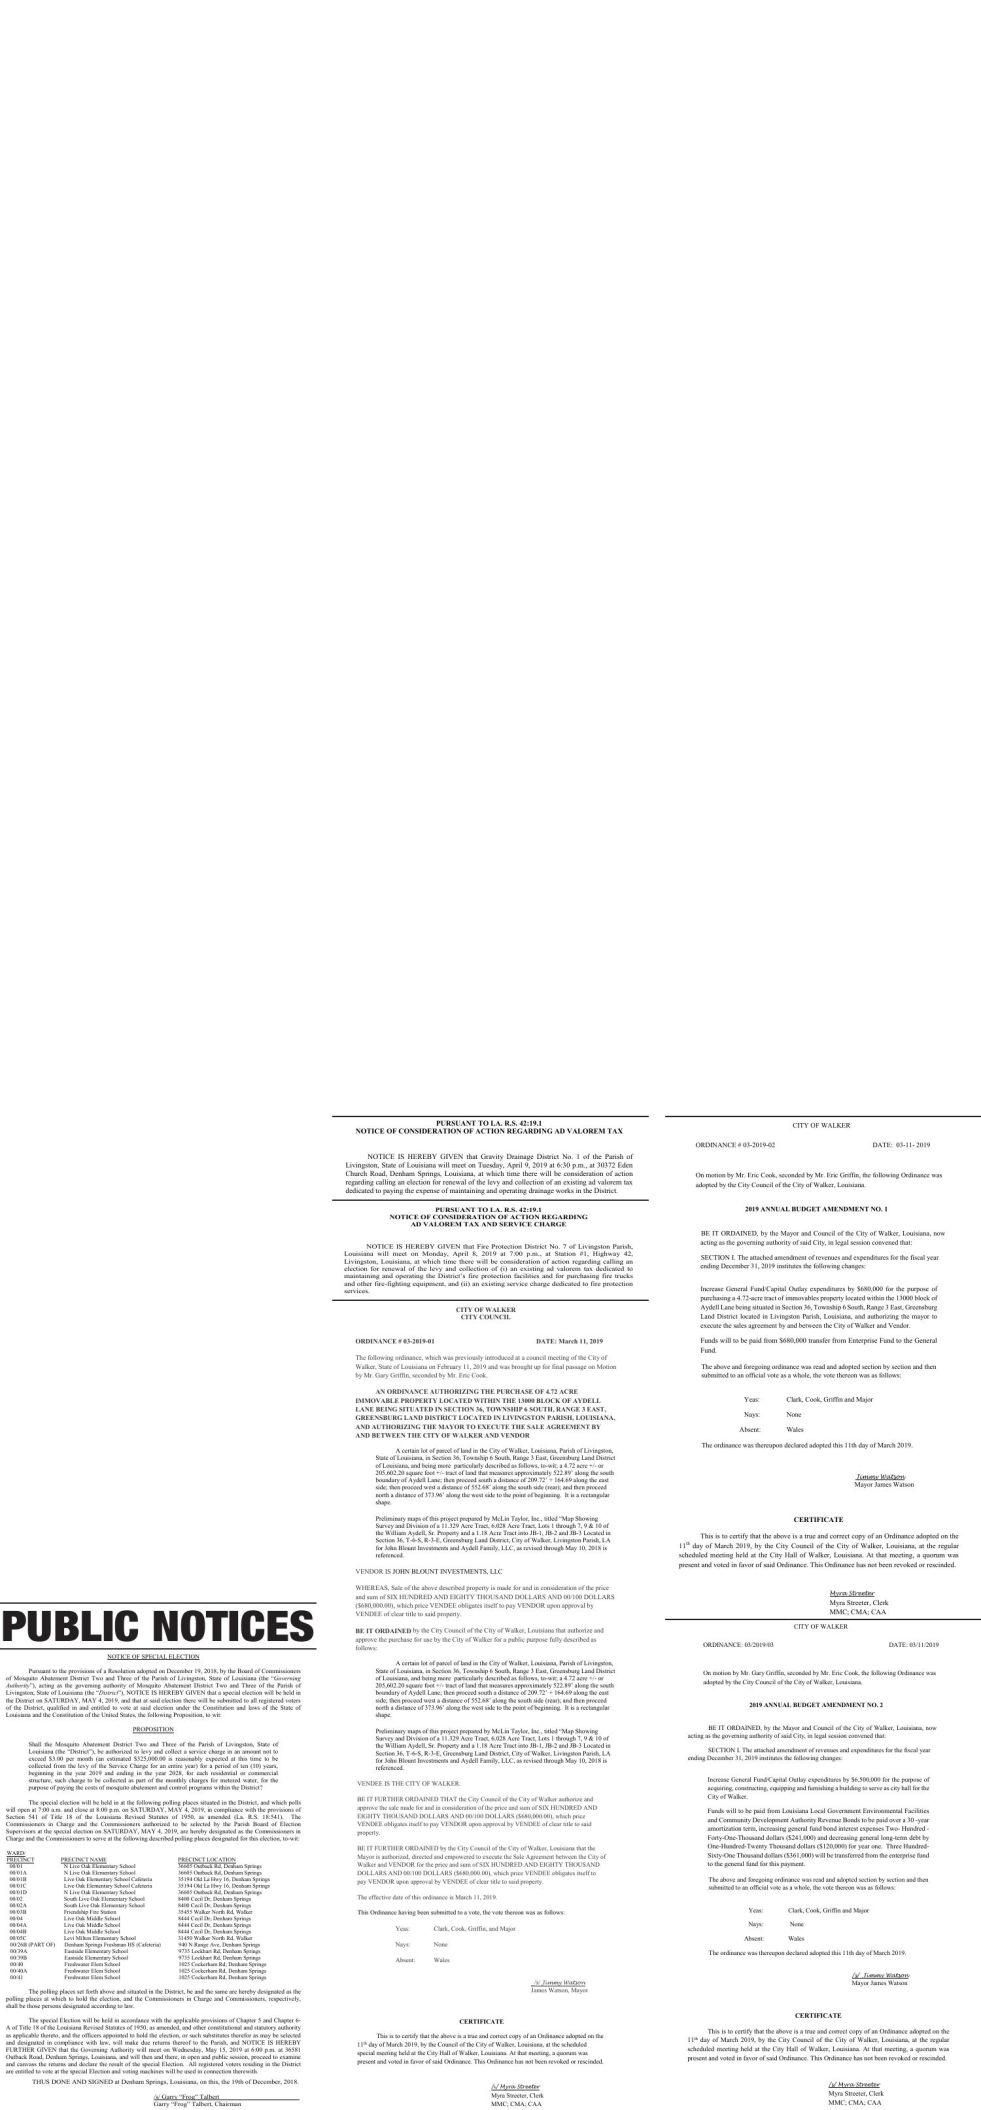 Public Notices published March 17, 2019